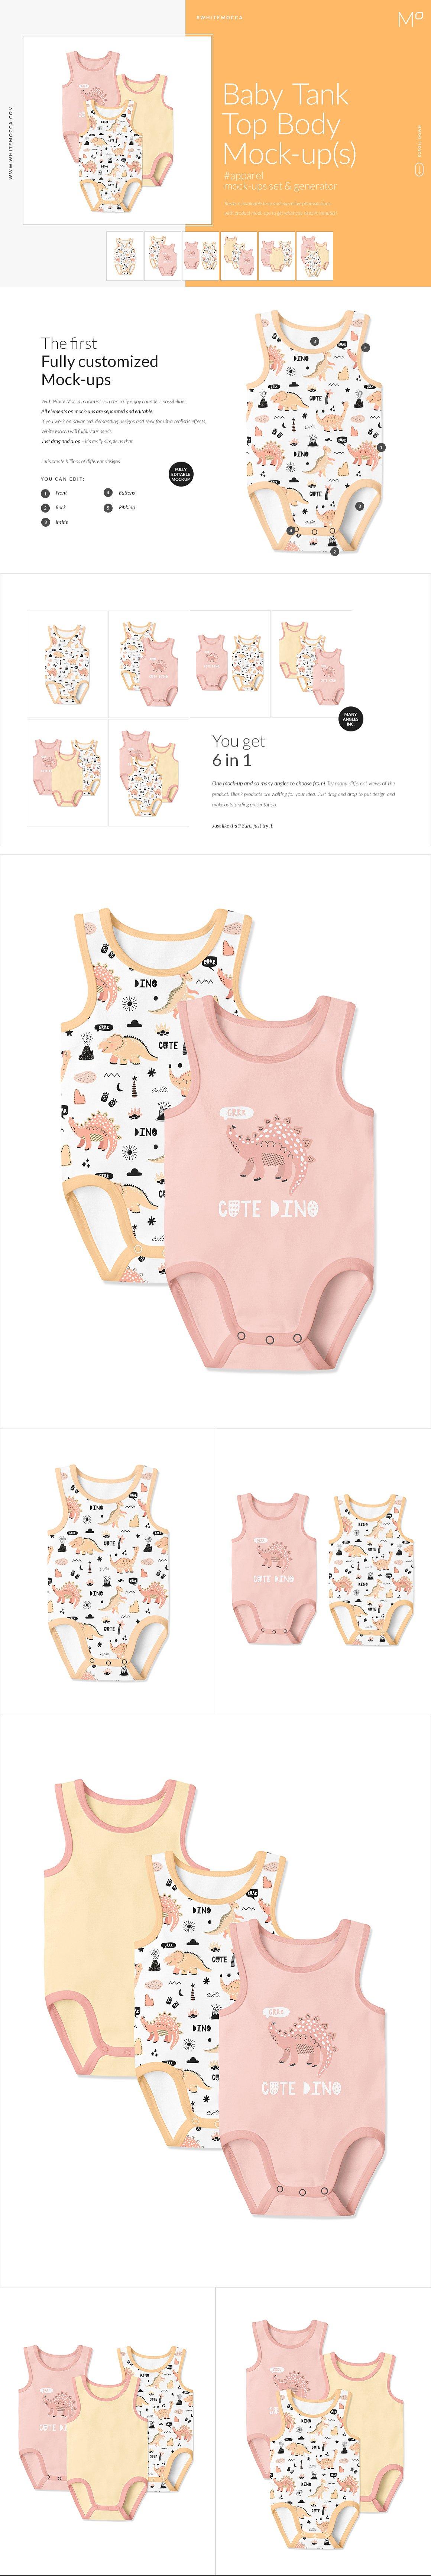 婴儿背心式人体模型套装-Baby_Tank_Top_Mock-ups_Set